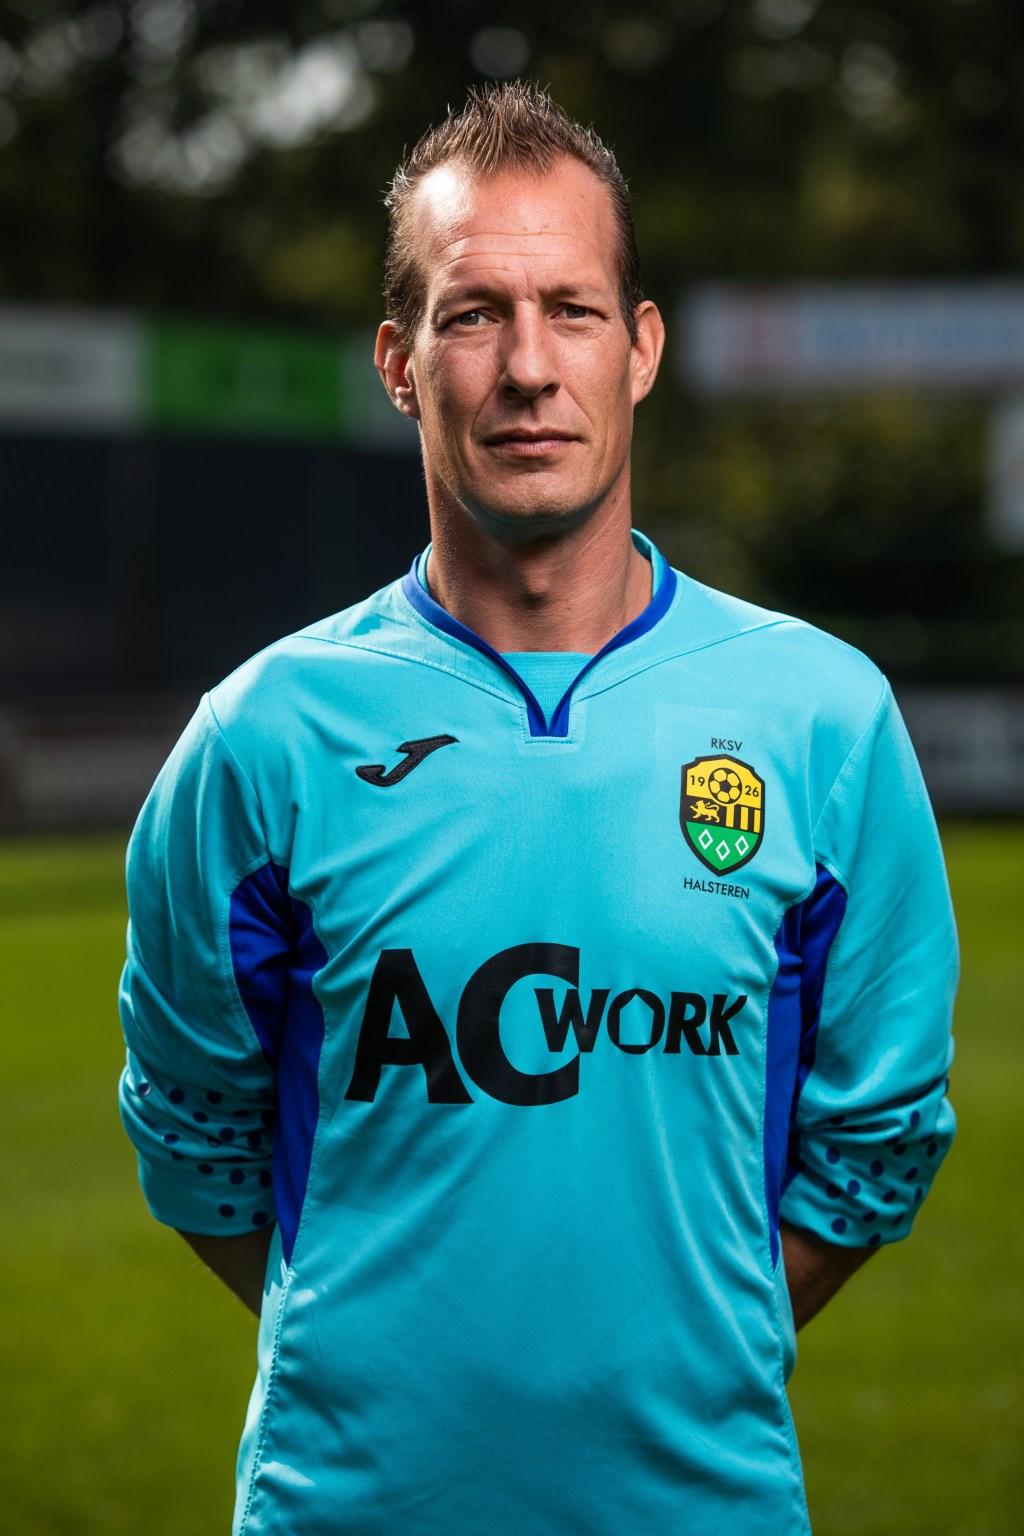 Zaterdag 1-goalie Ronald van Leeuwen maakte het Kloetinge moeilijk.  © Minerve Pers